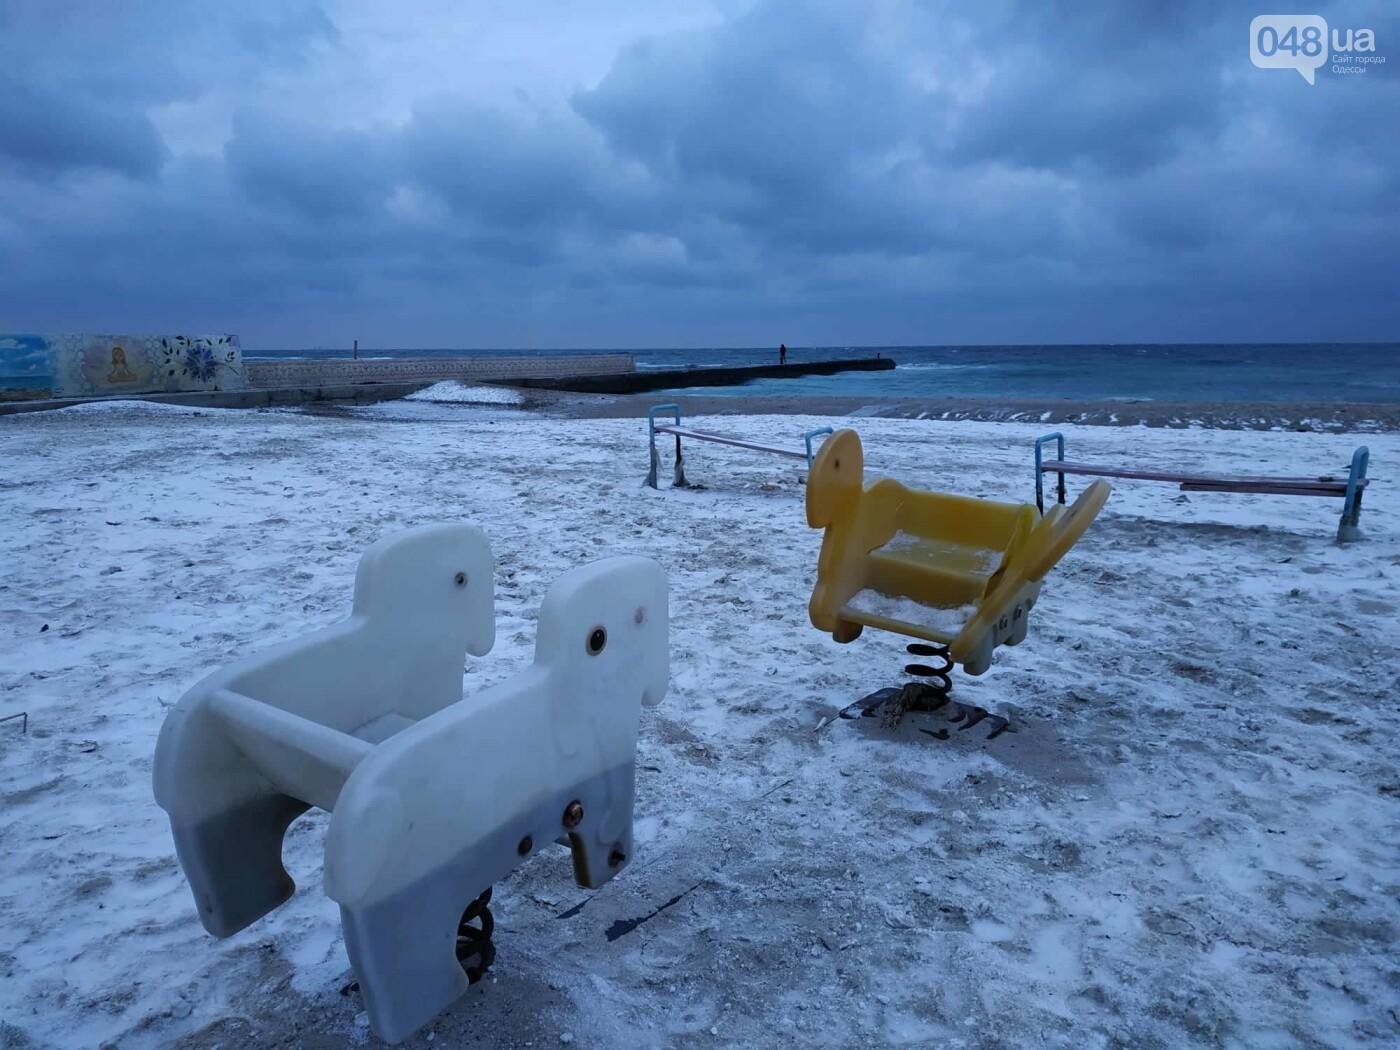 Заснеженные одесские пляжи вечером: вот где стоит прогуляться, - ФОТО, фото-49